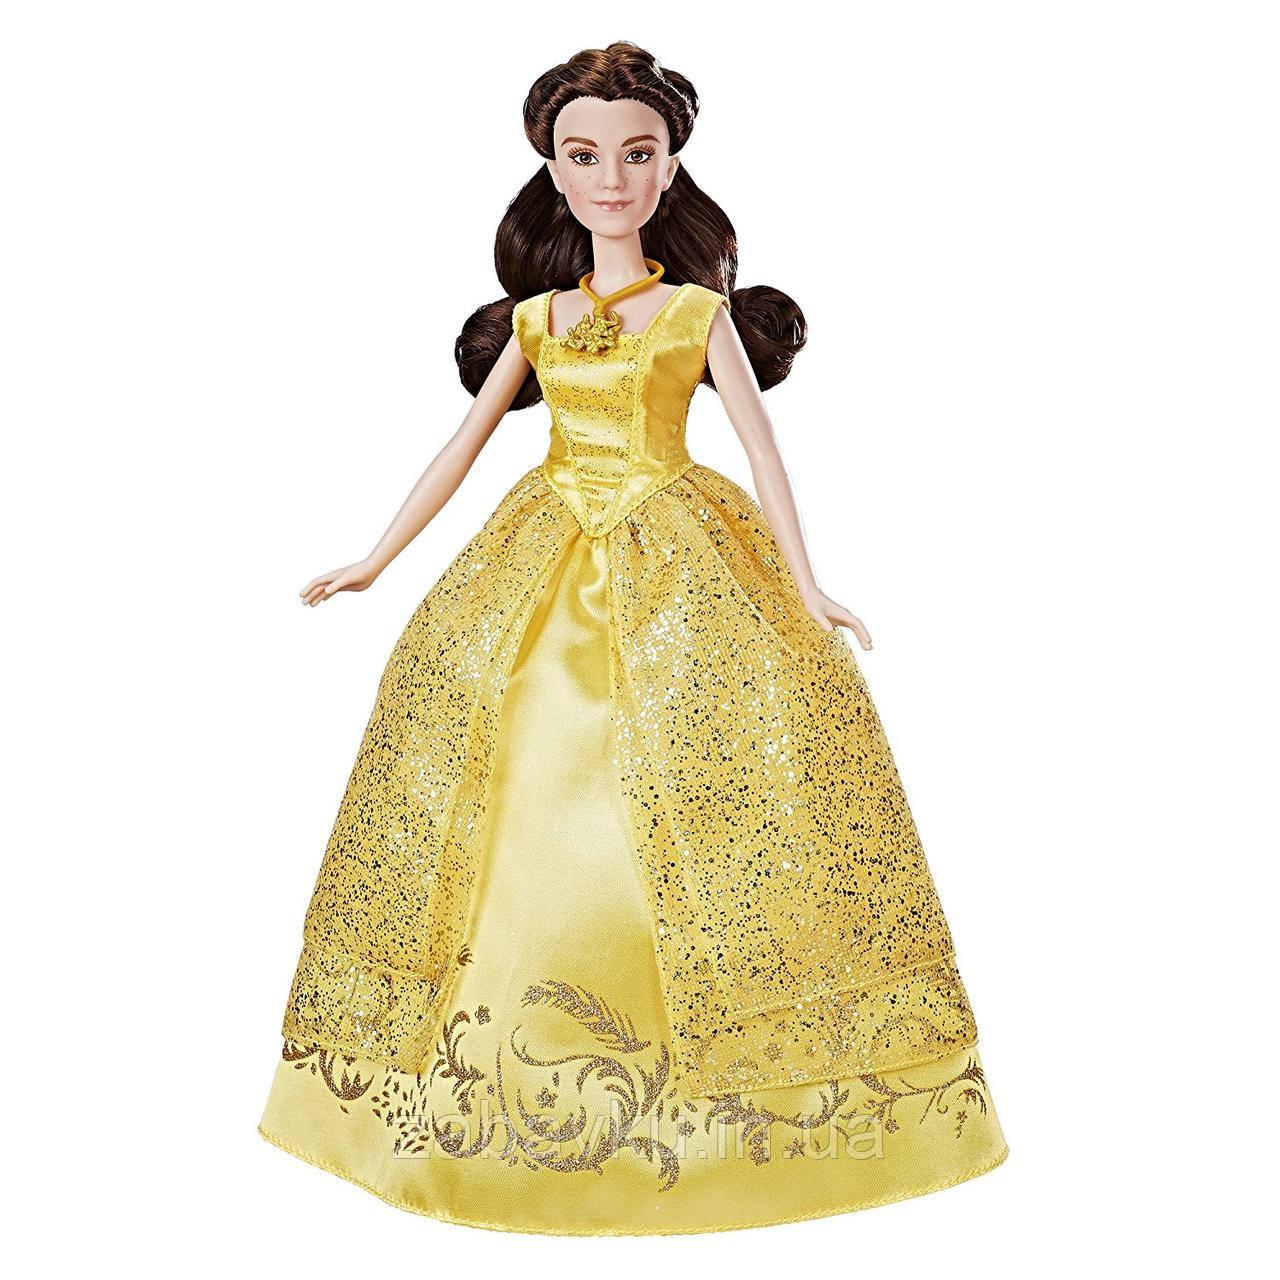 Бель від Хасбро Disney Beauty and the Beast Enchanting Ball Gown Belle